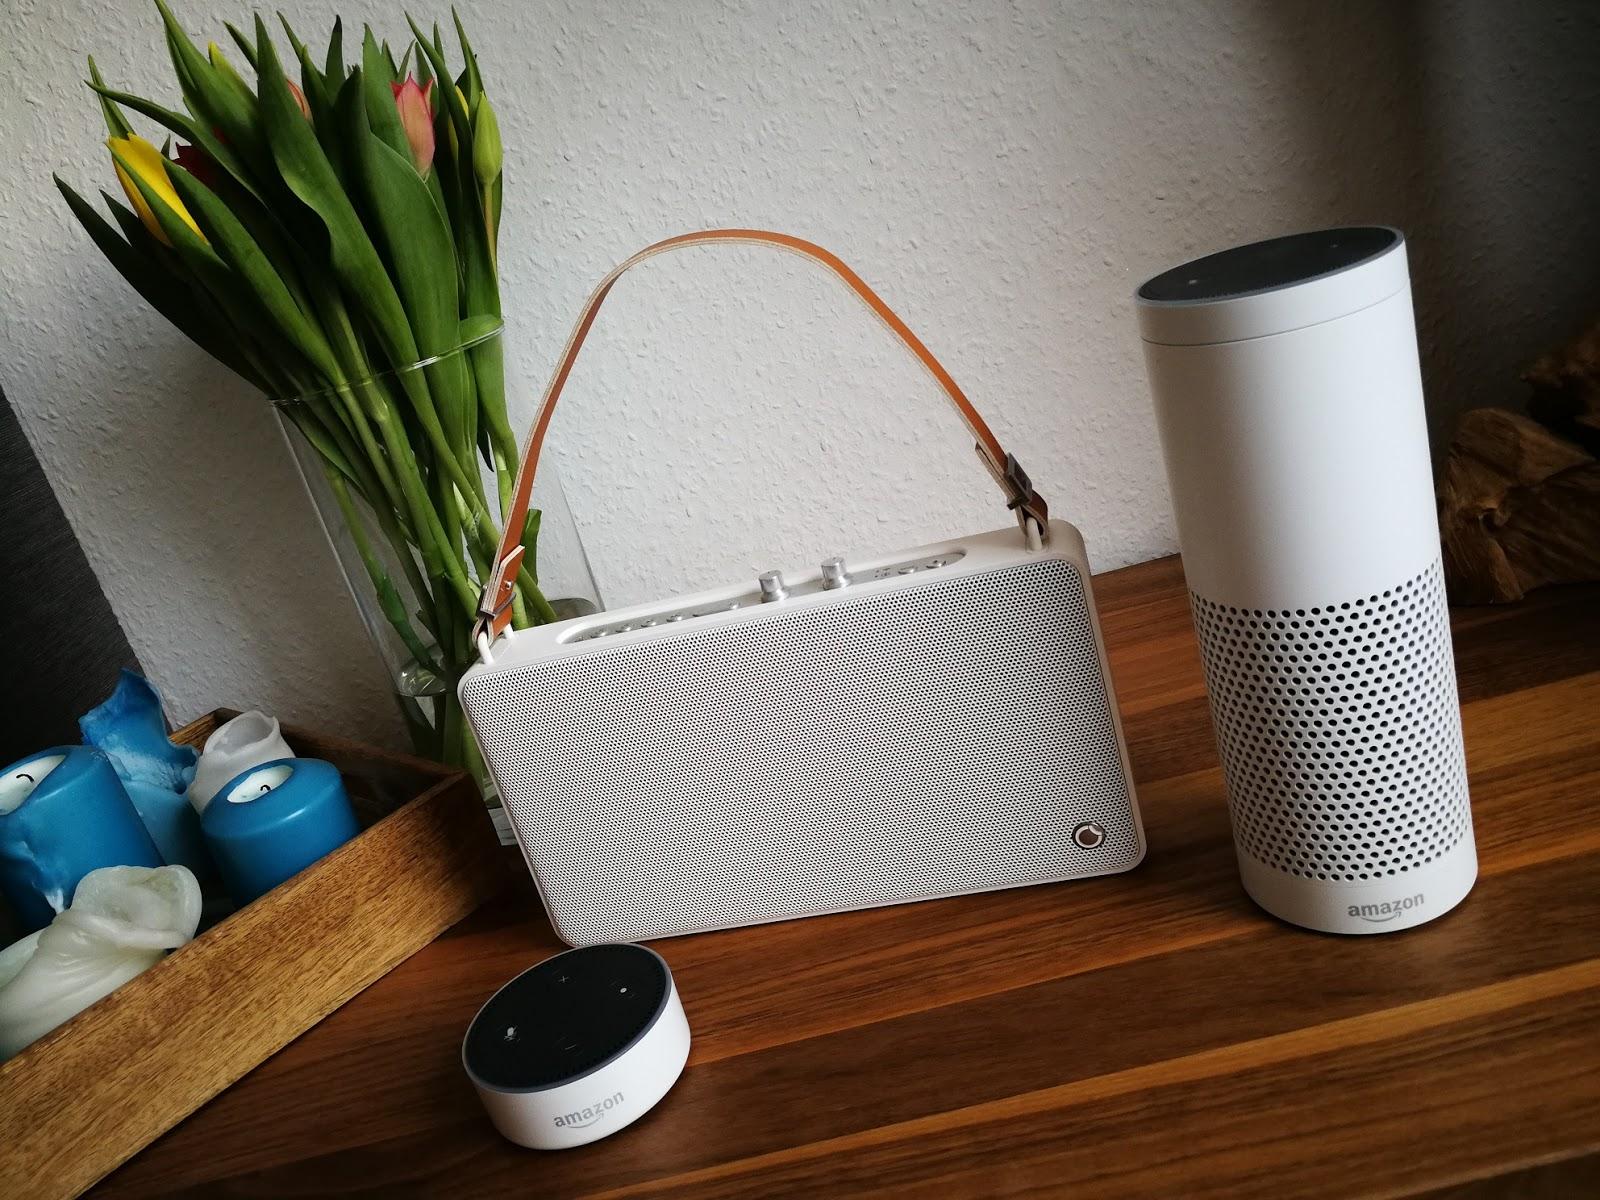 gadget checks ggmm e5 die eierlegende wollmilchsau. Black Bedroom Furniture Sets. Home Design Ideas